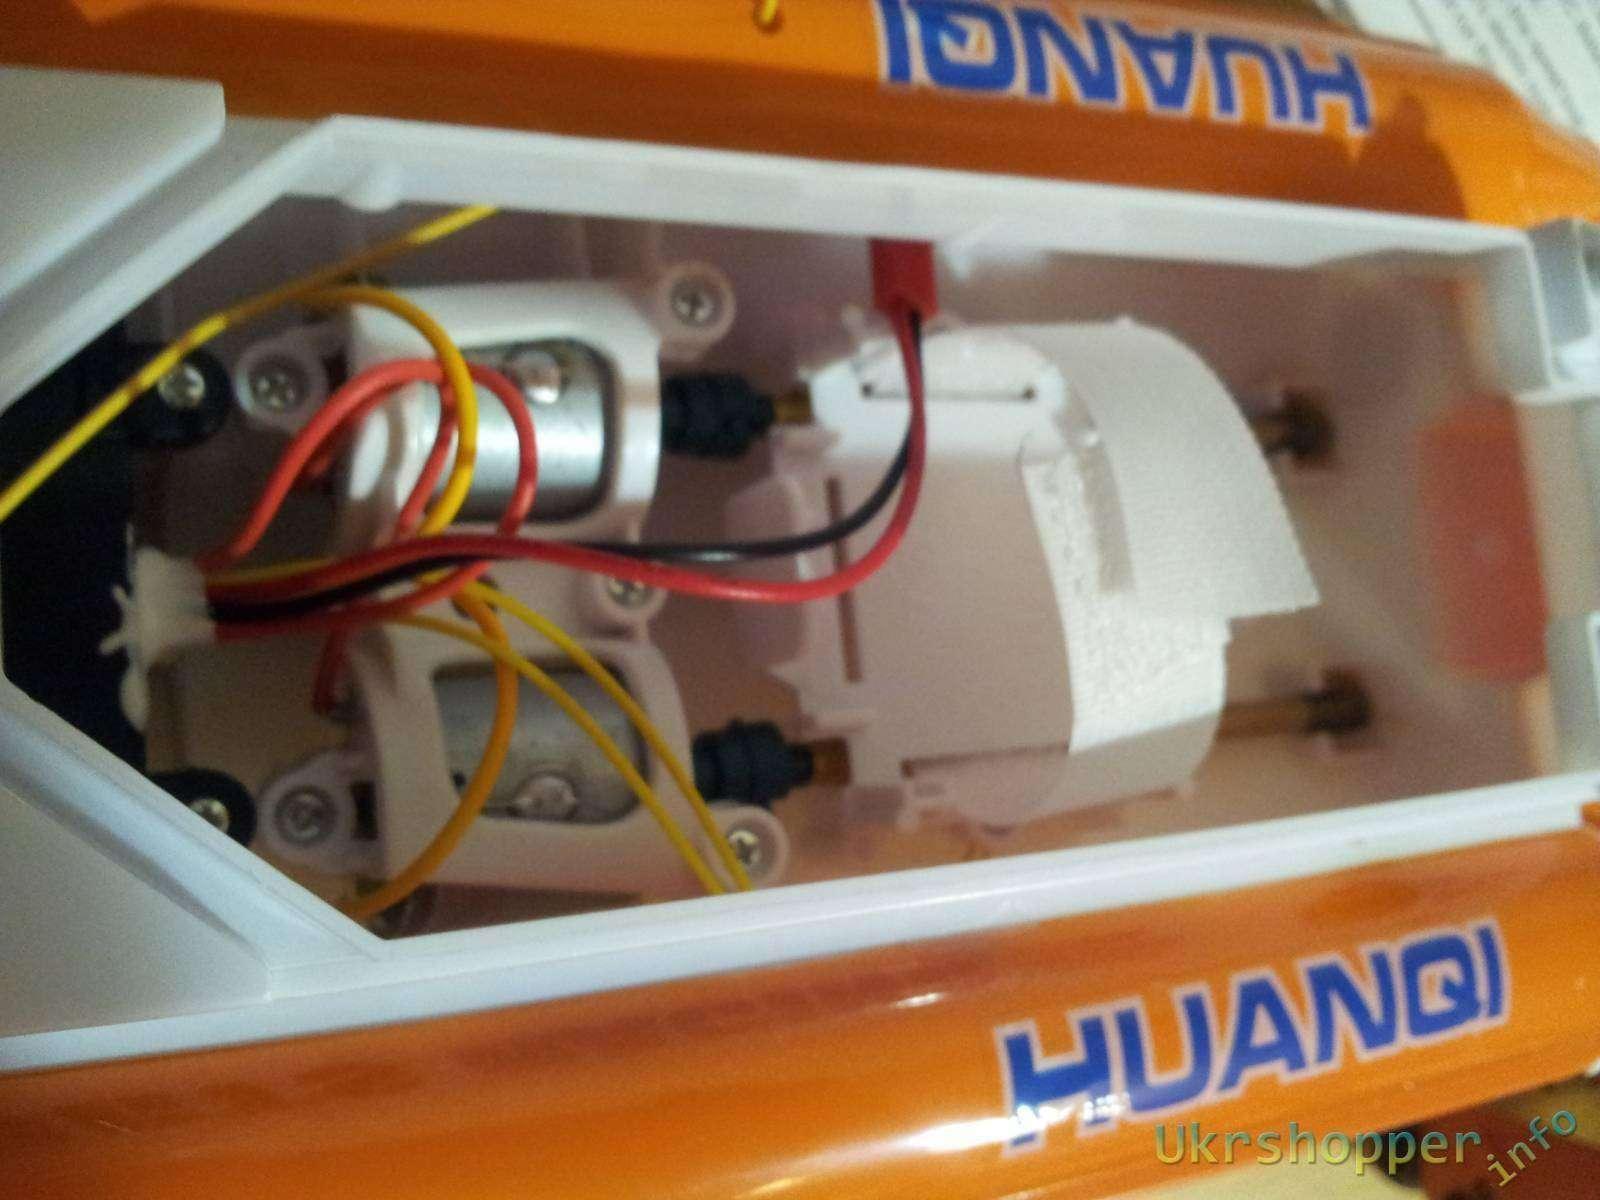 TinyDeal: Обзор отличной радиуправляемой лодки Huanqi 951 на 2 каналах и  40 mHz